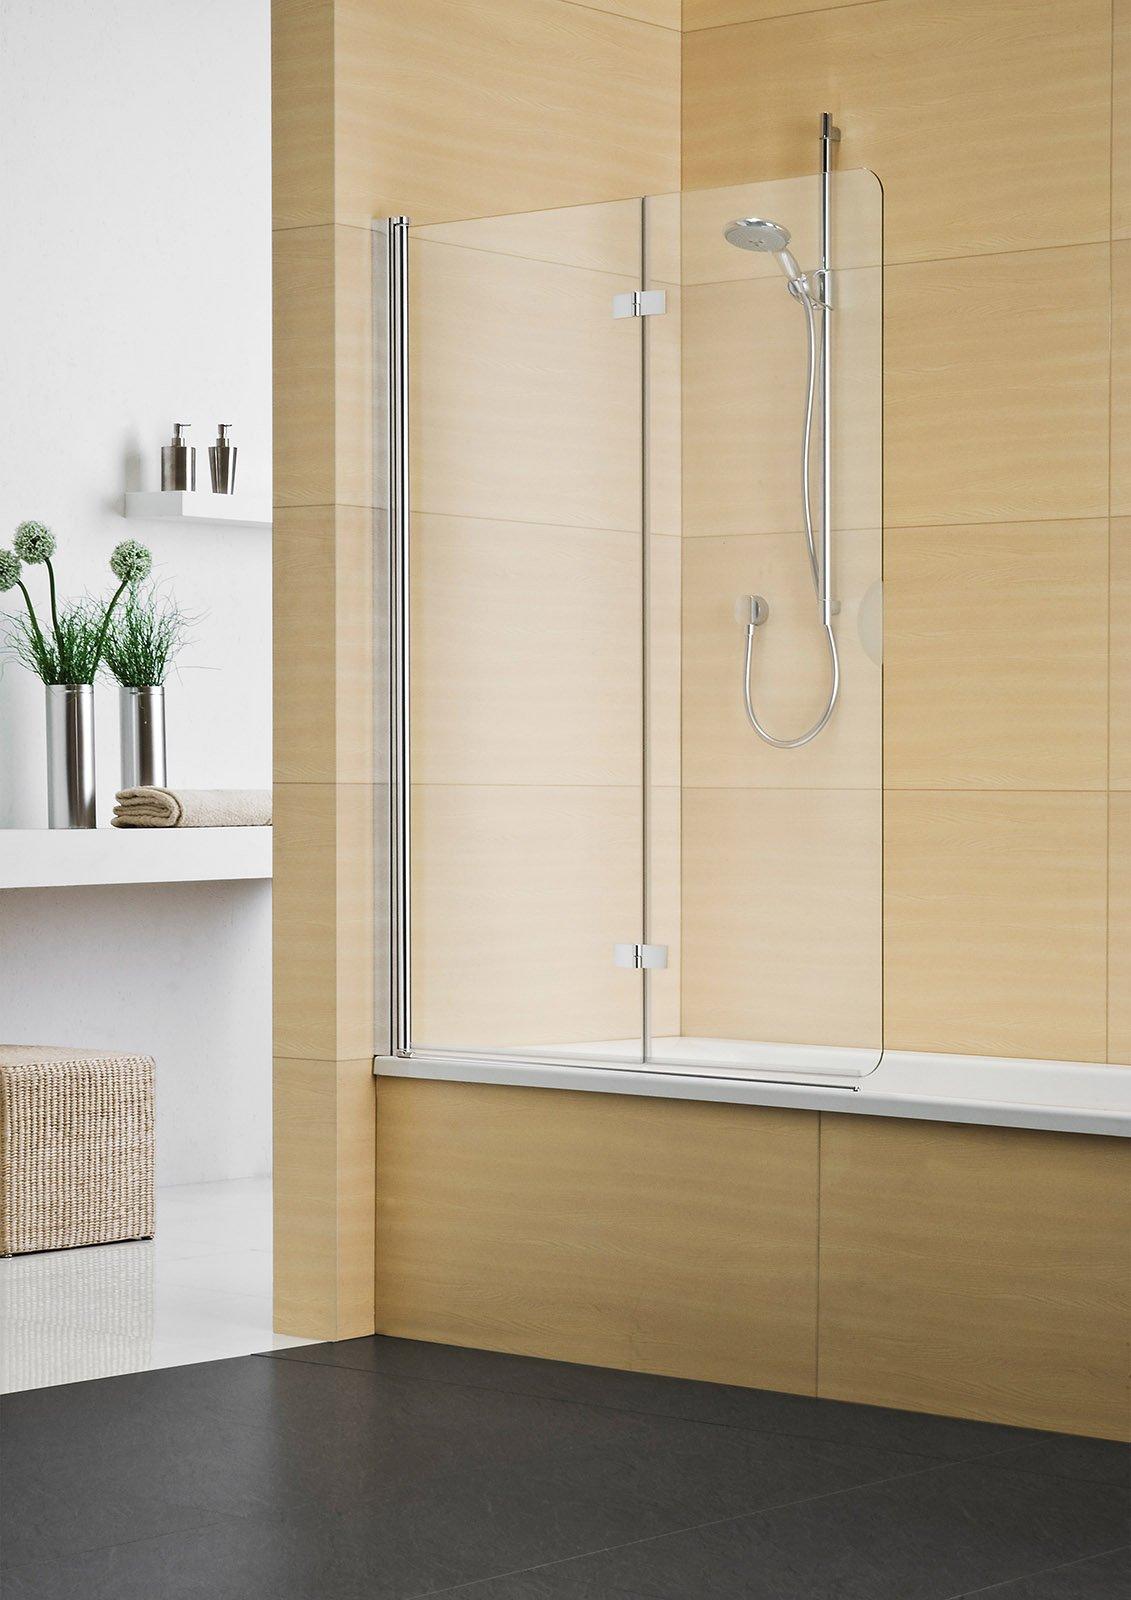 La doccia nella vasca aggiungendo un pannello cose di casa for Parete vasca da bagno leroy merlin